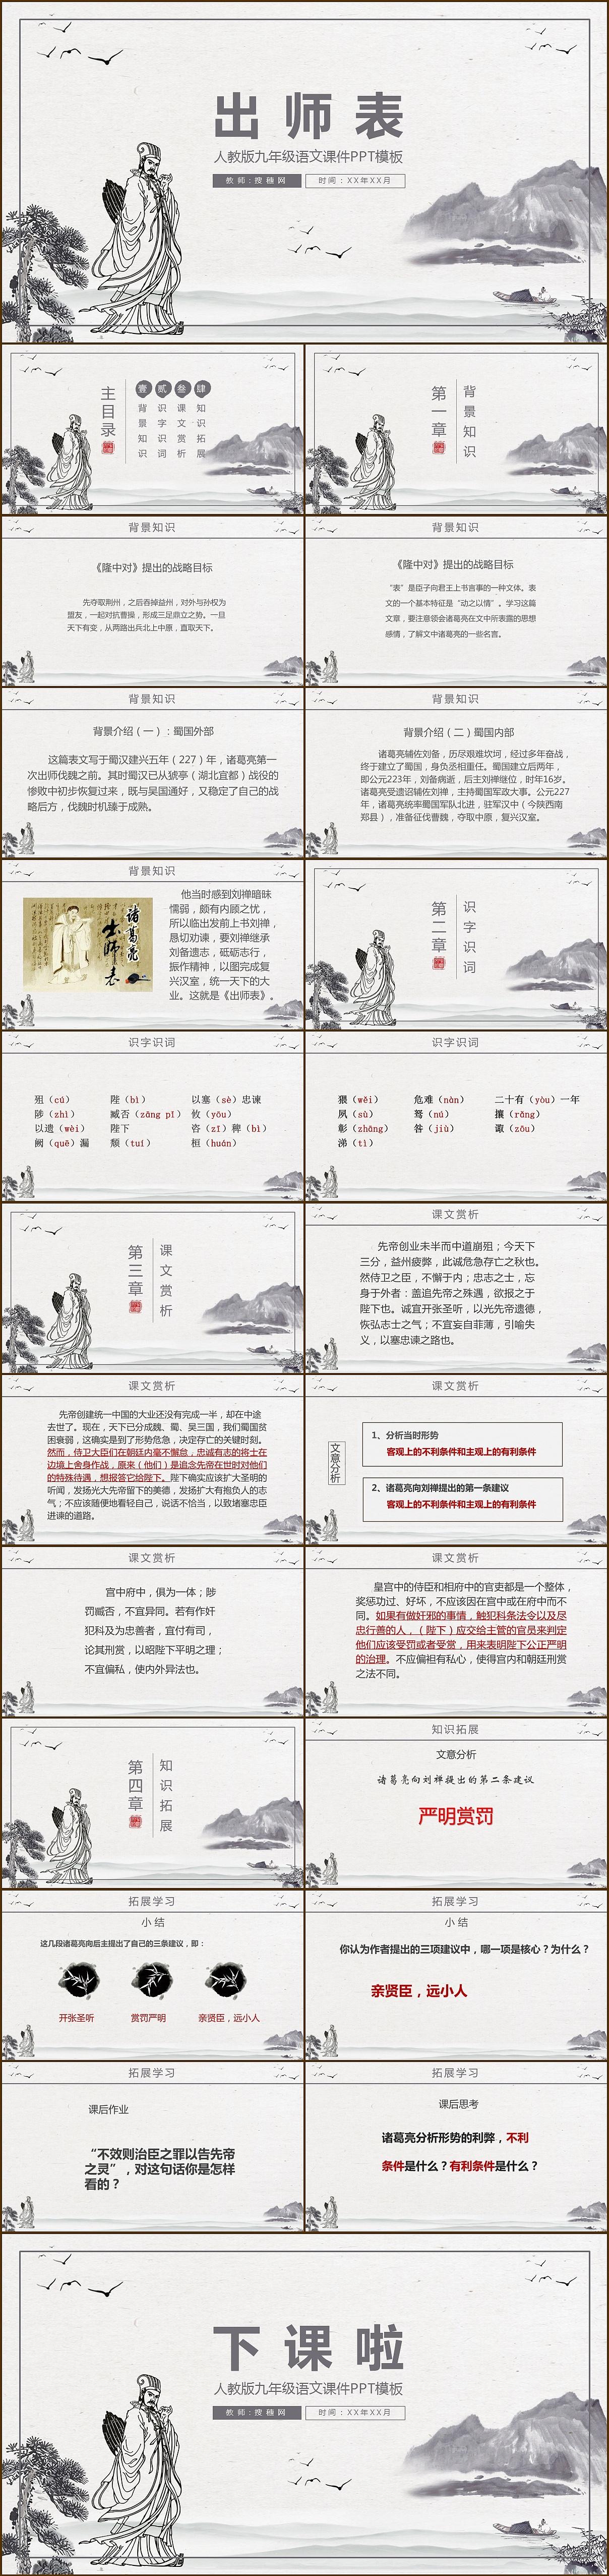 中国国学文化九年级人教版出师表语文教学课件ppt模板图片